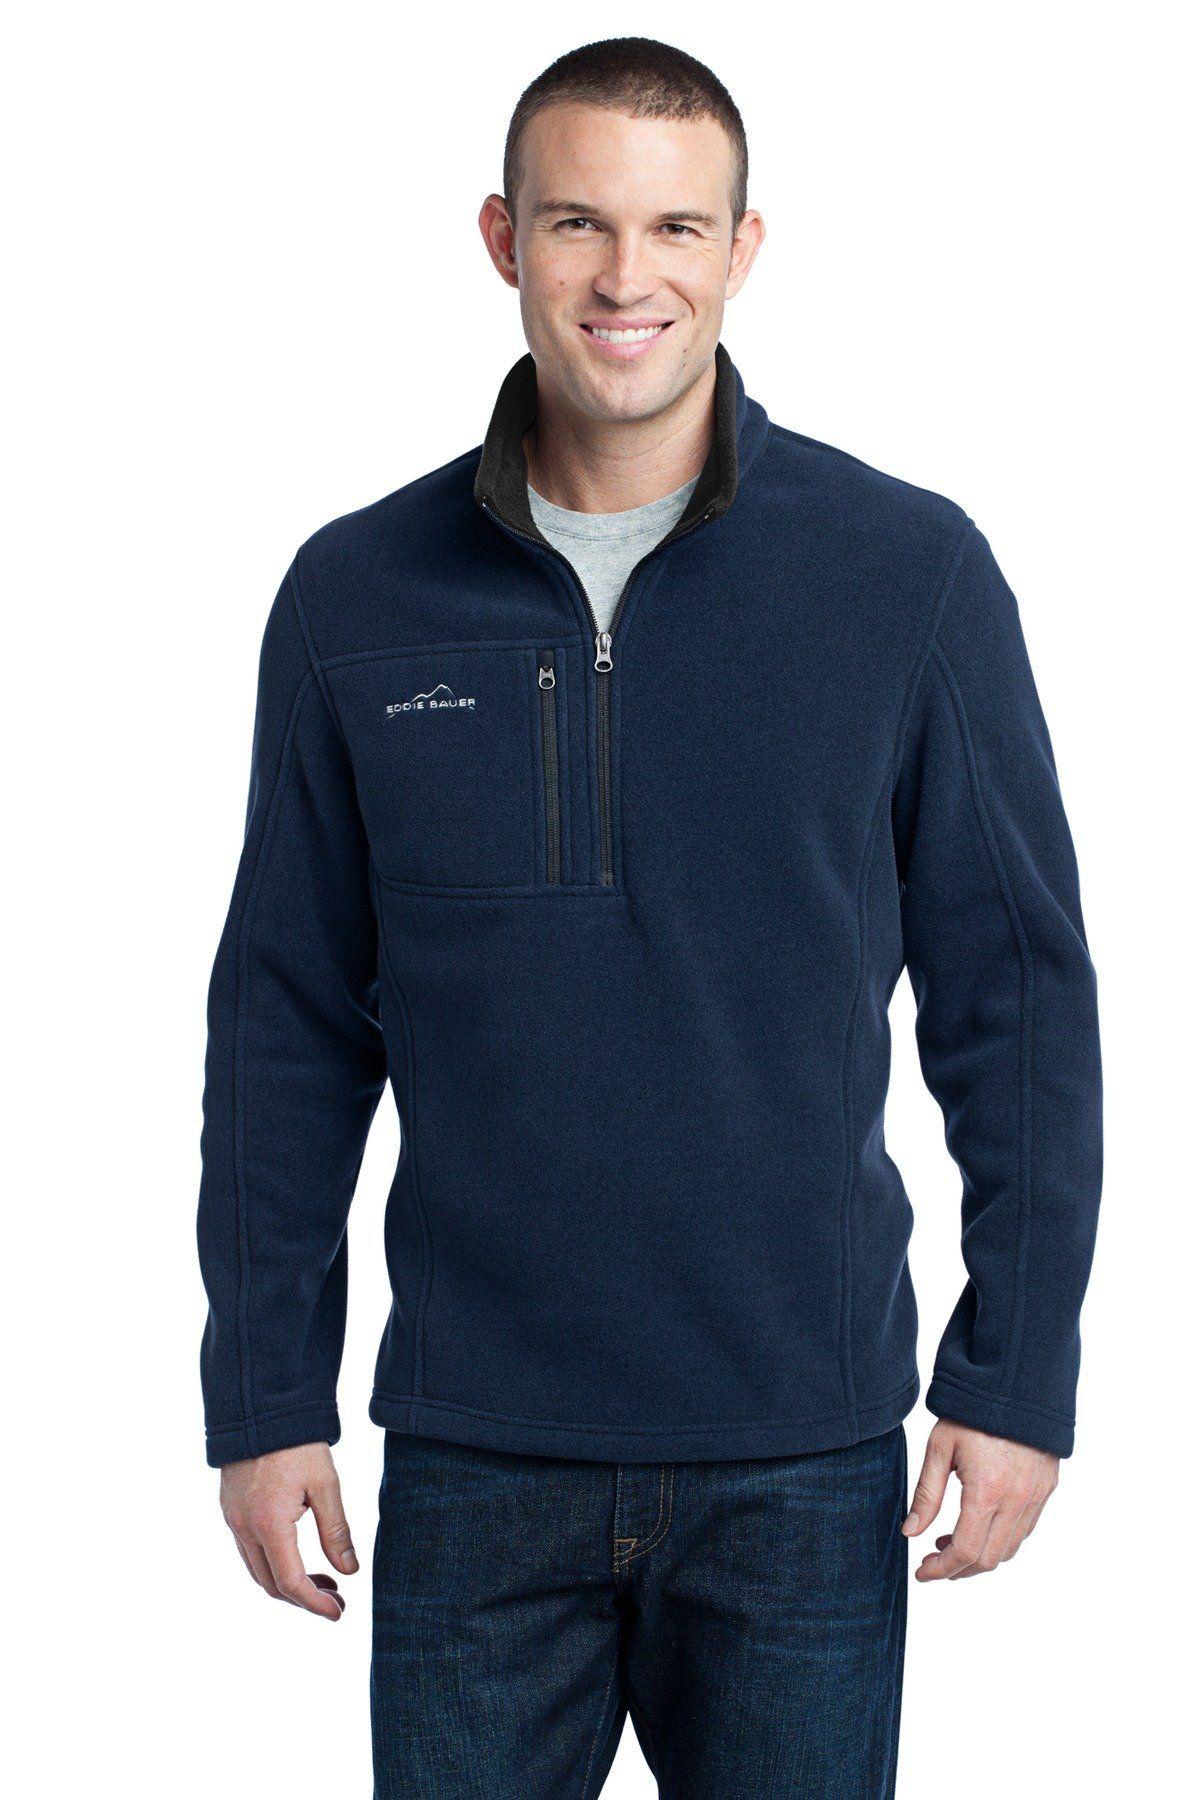 c5524c7f82f Eddie Bauer - 1 4-Zip Fleece Pullover EB202 River Blue